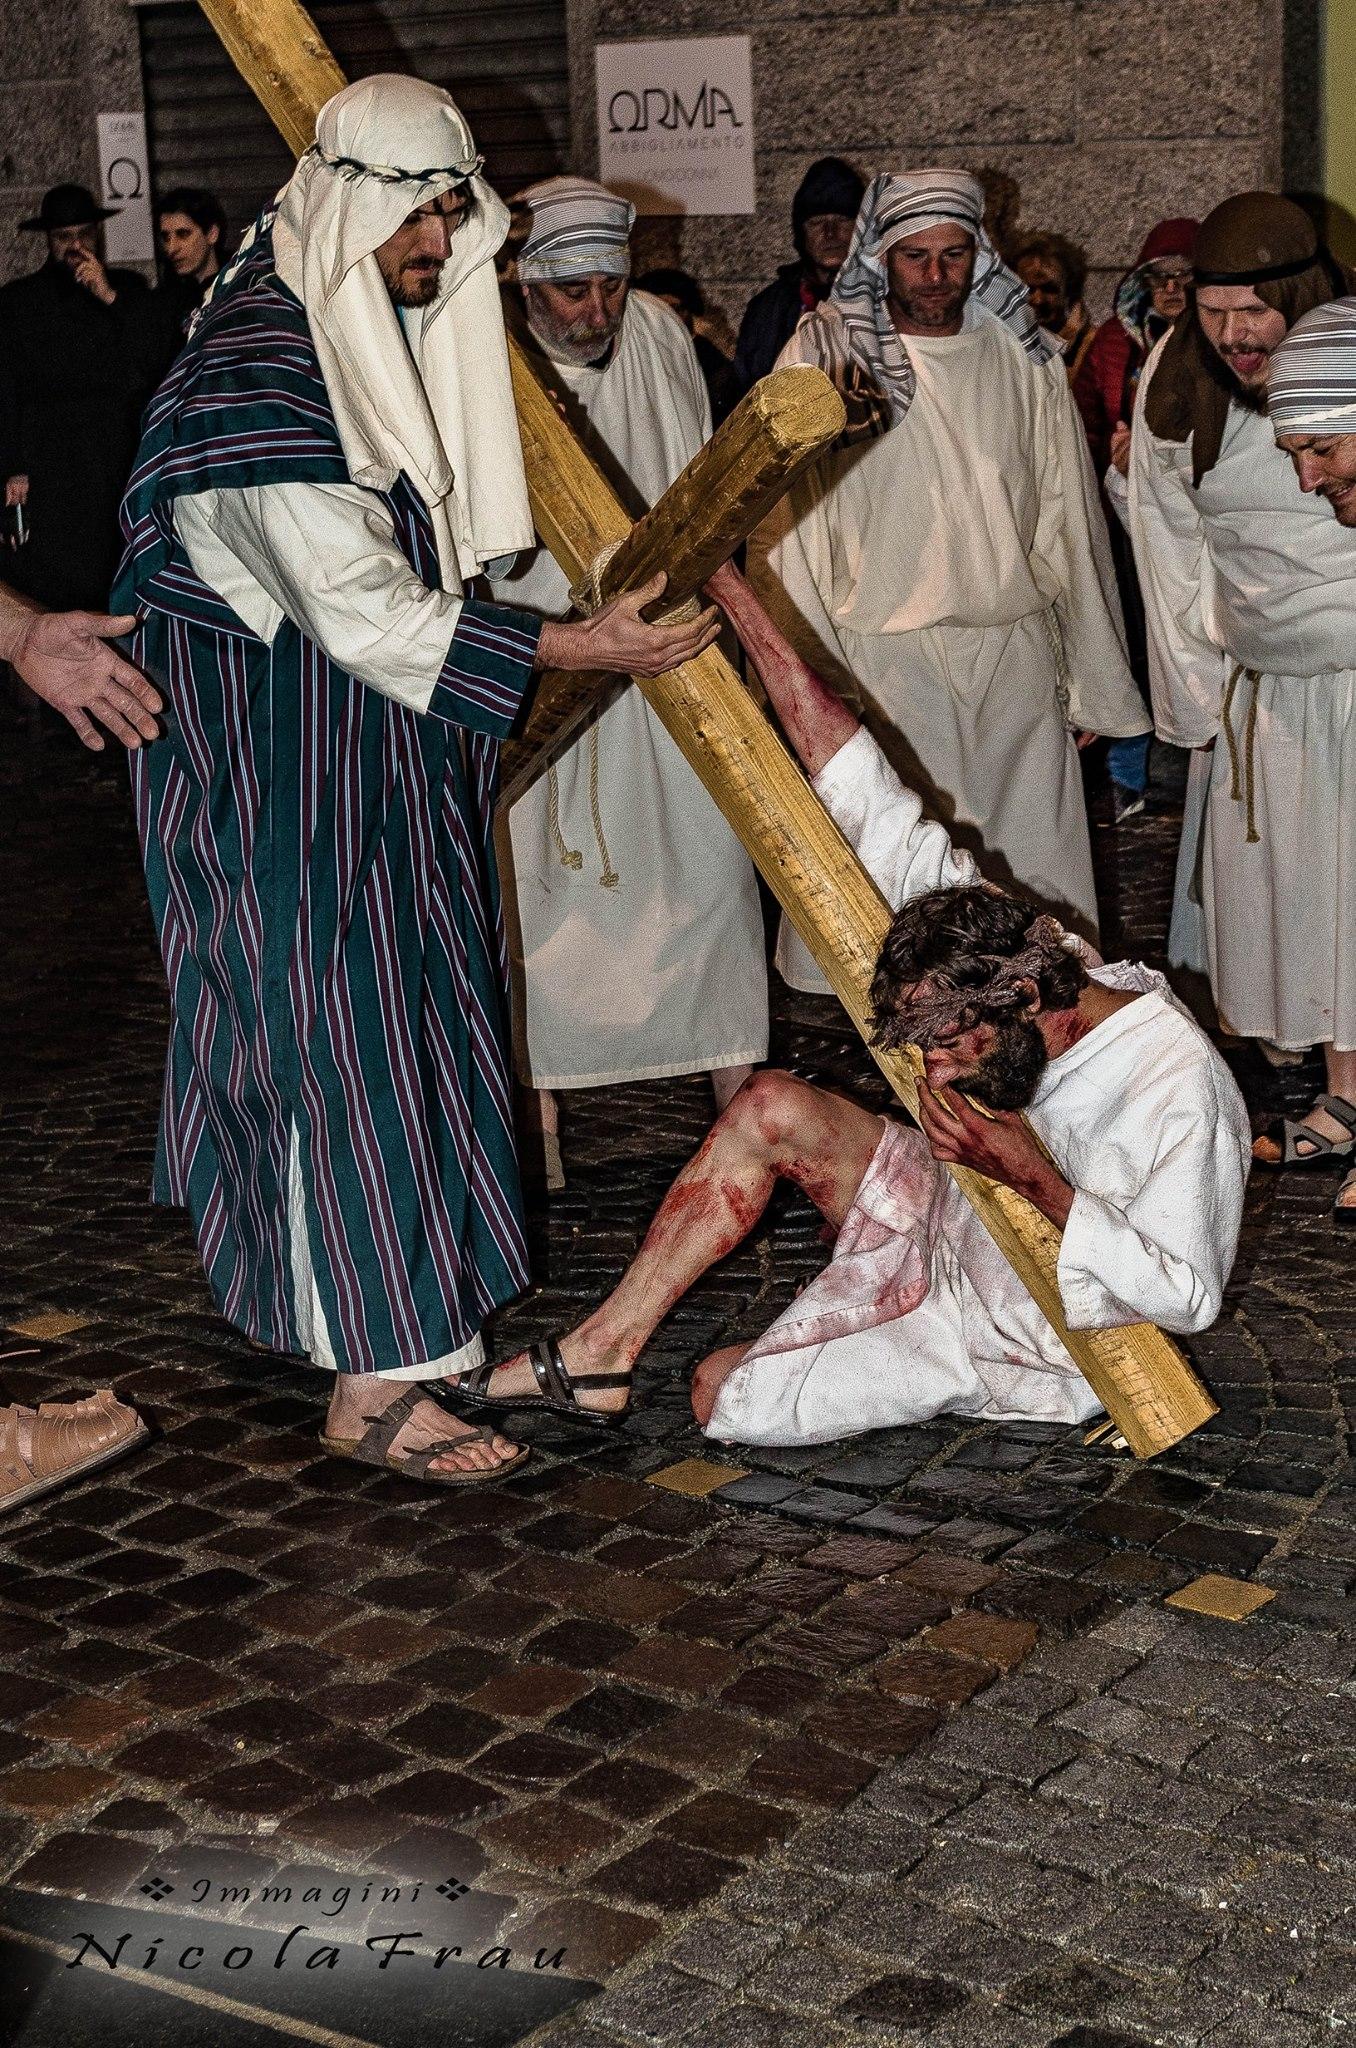 Passione di Cristo Ivrea 2017 - UNESCO - Nicola Frau (Simone da Cirene - Cireneo)